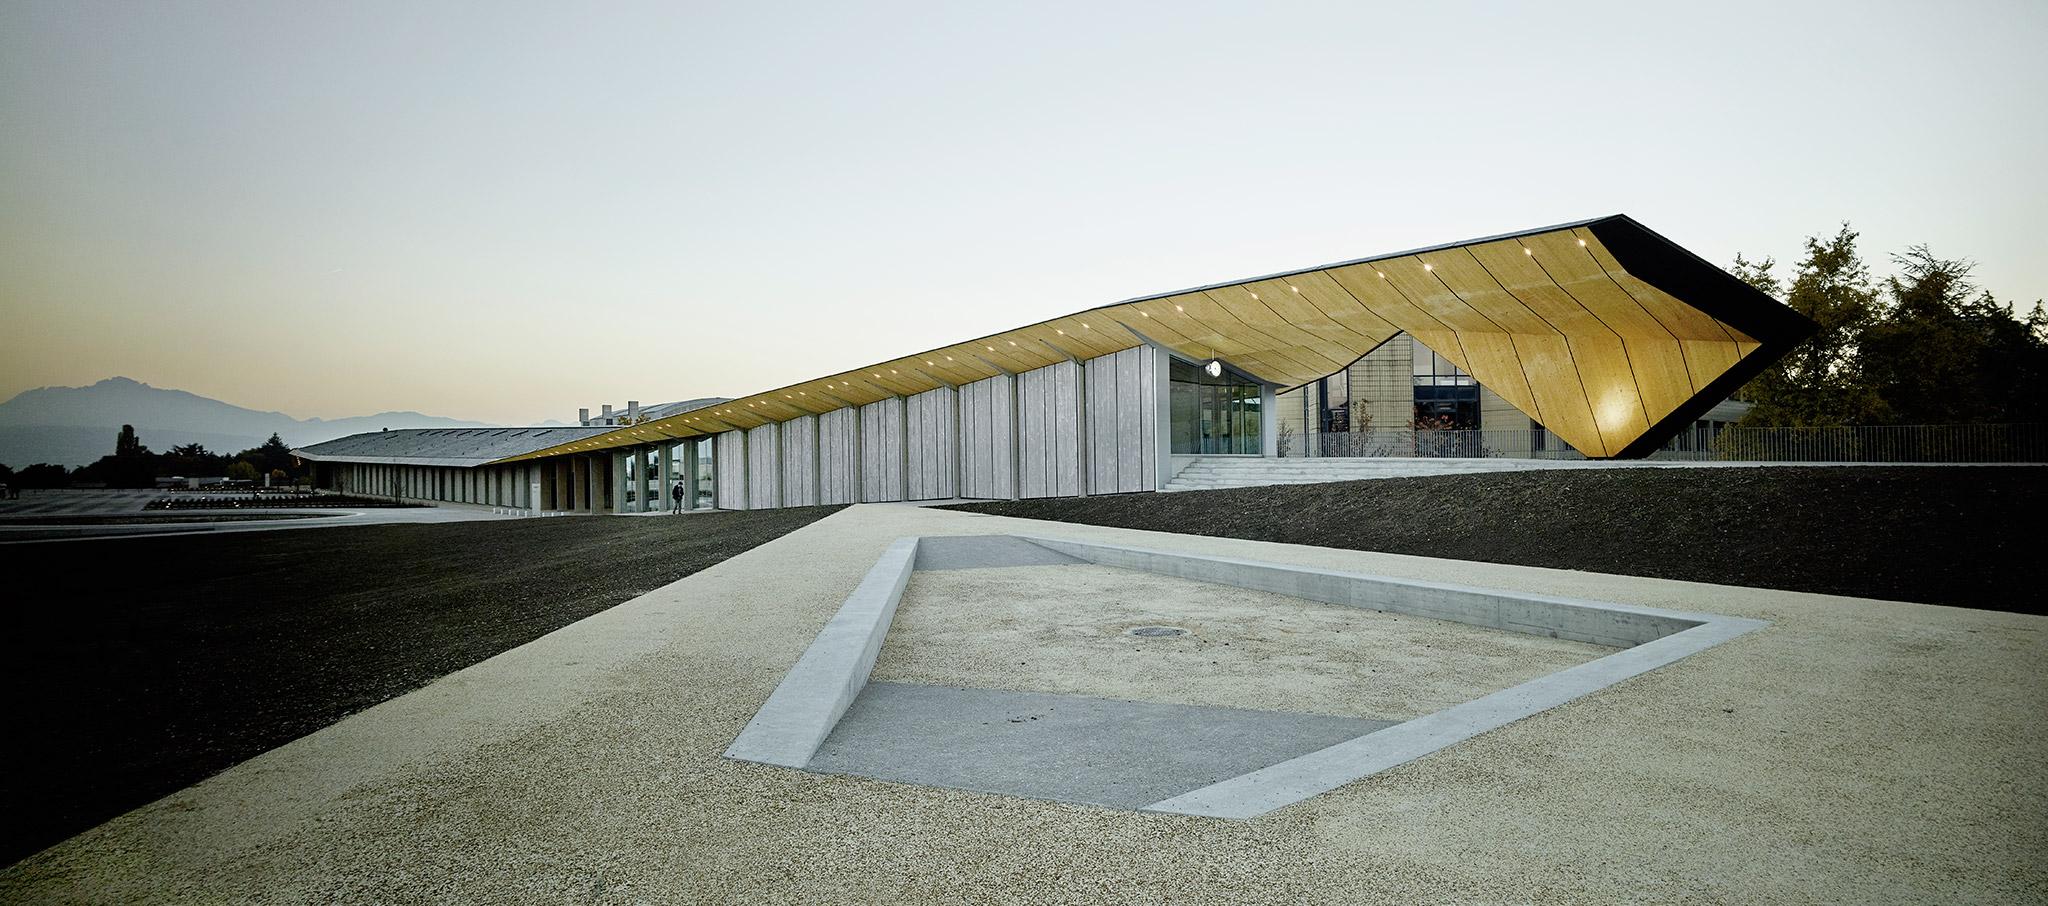 El edificio cobijado por 250 metros de techo de pizarra es el trabajo del arquitecto japonést Kengo Kuma. Fotografía © Valentin Jeck